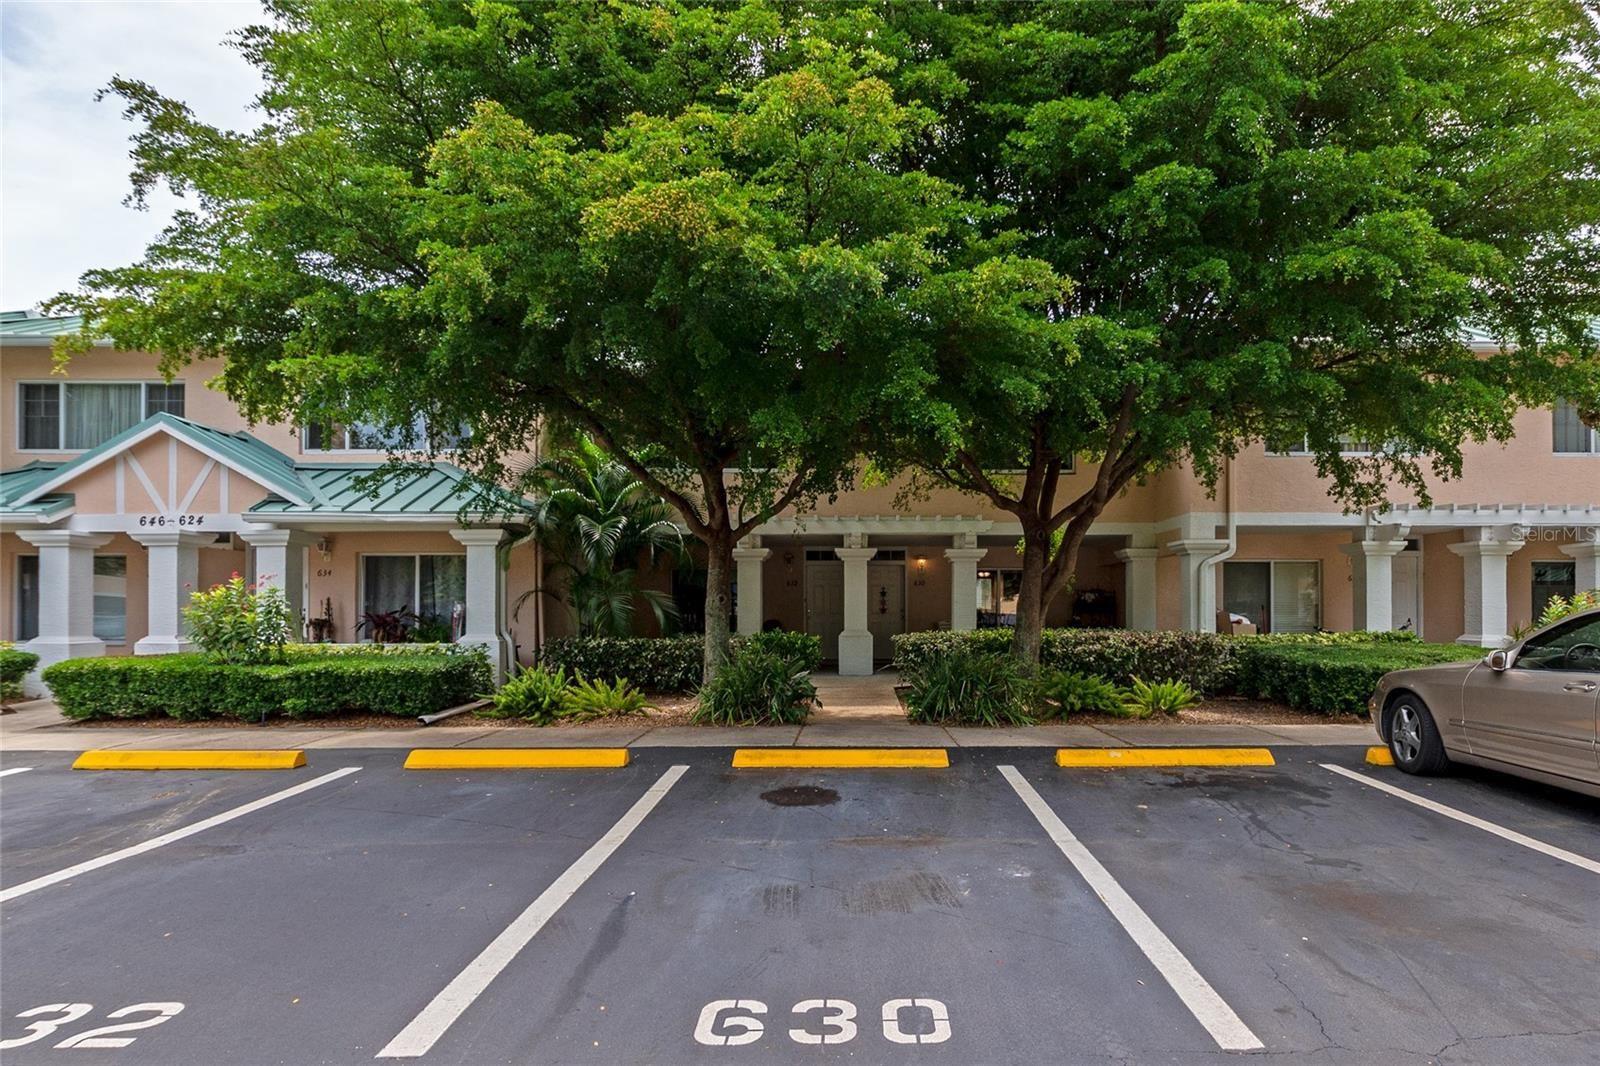 Photo of 630 COHEN WAY #630, SARASOTA, FL 34236 (MLS # A4504291)